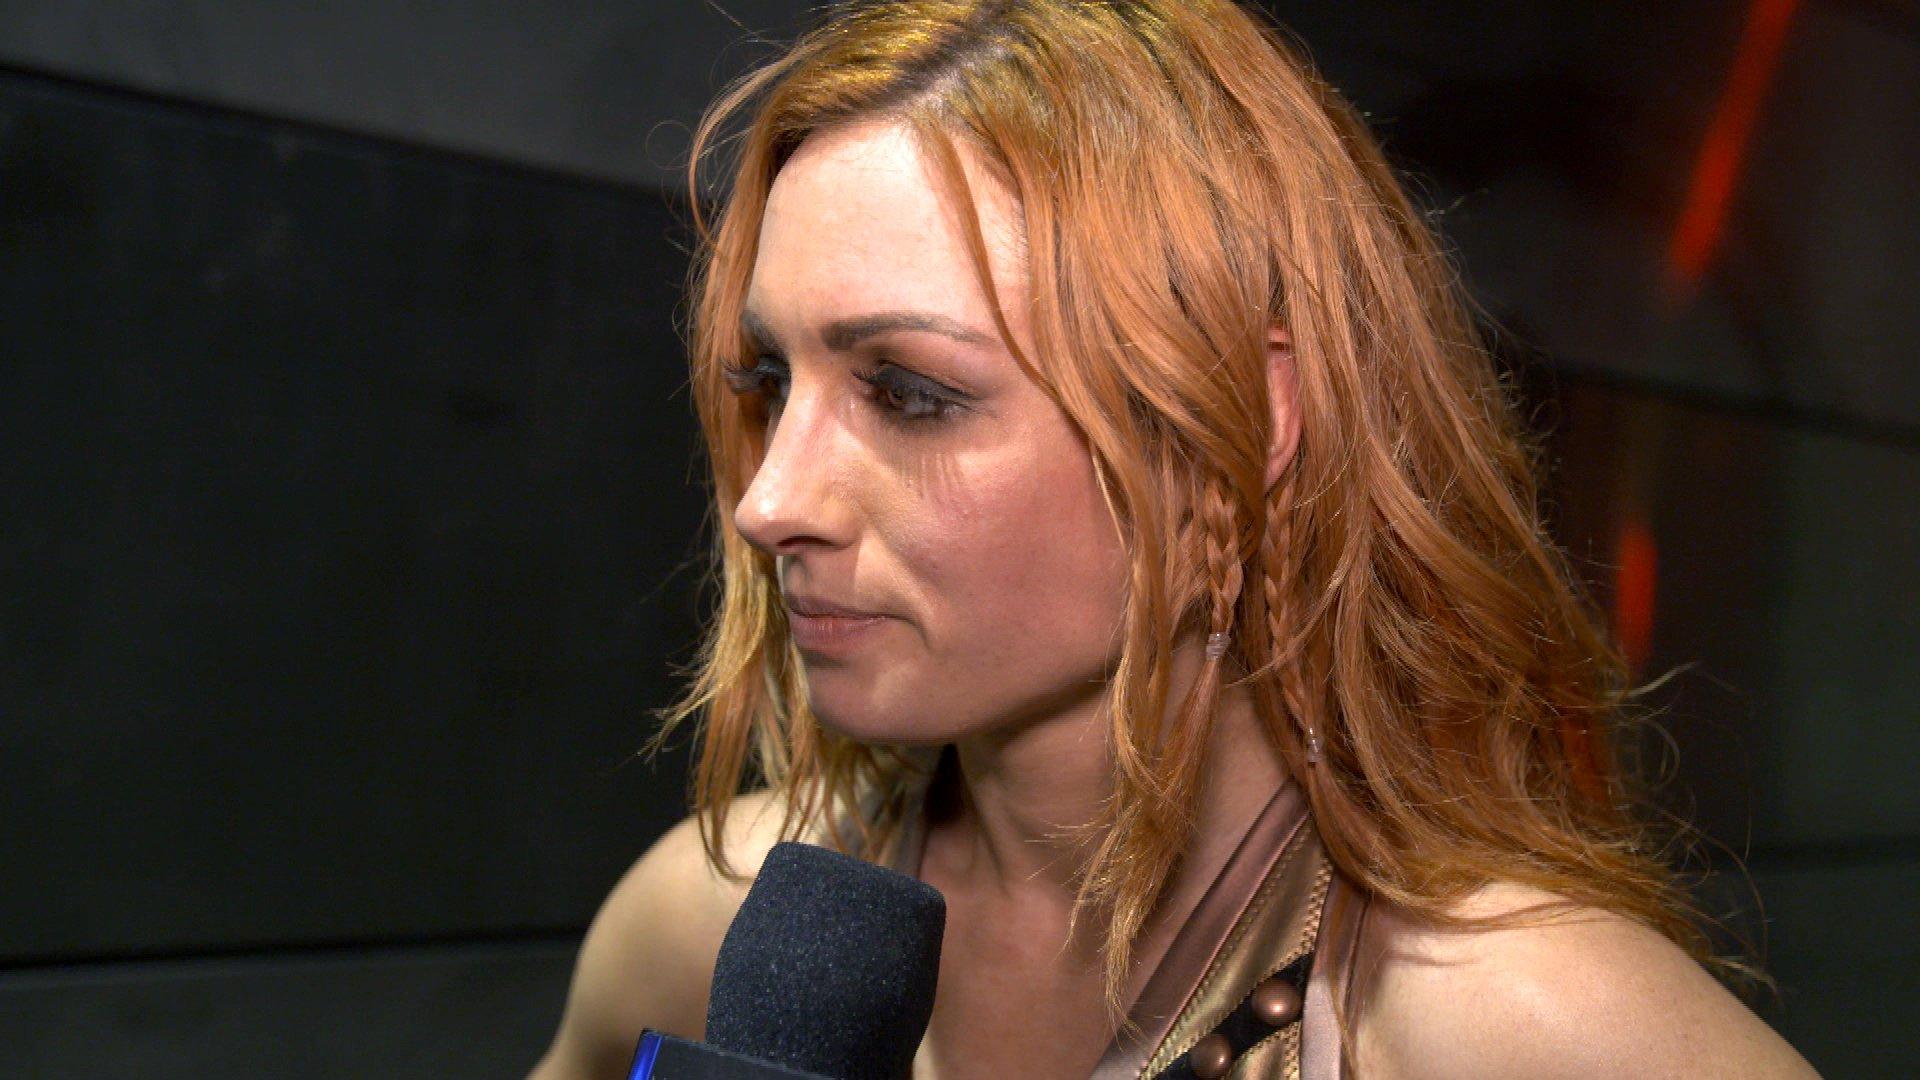 Becky Lynch souhaite se remettre sur les bons rails après WWE Money in the Bank: Exclusivité WWE.fr, 15 Mai 2018